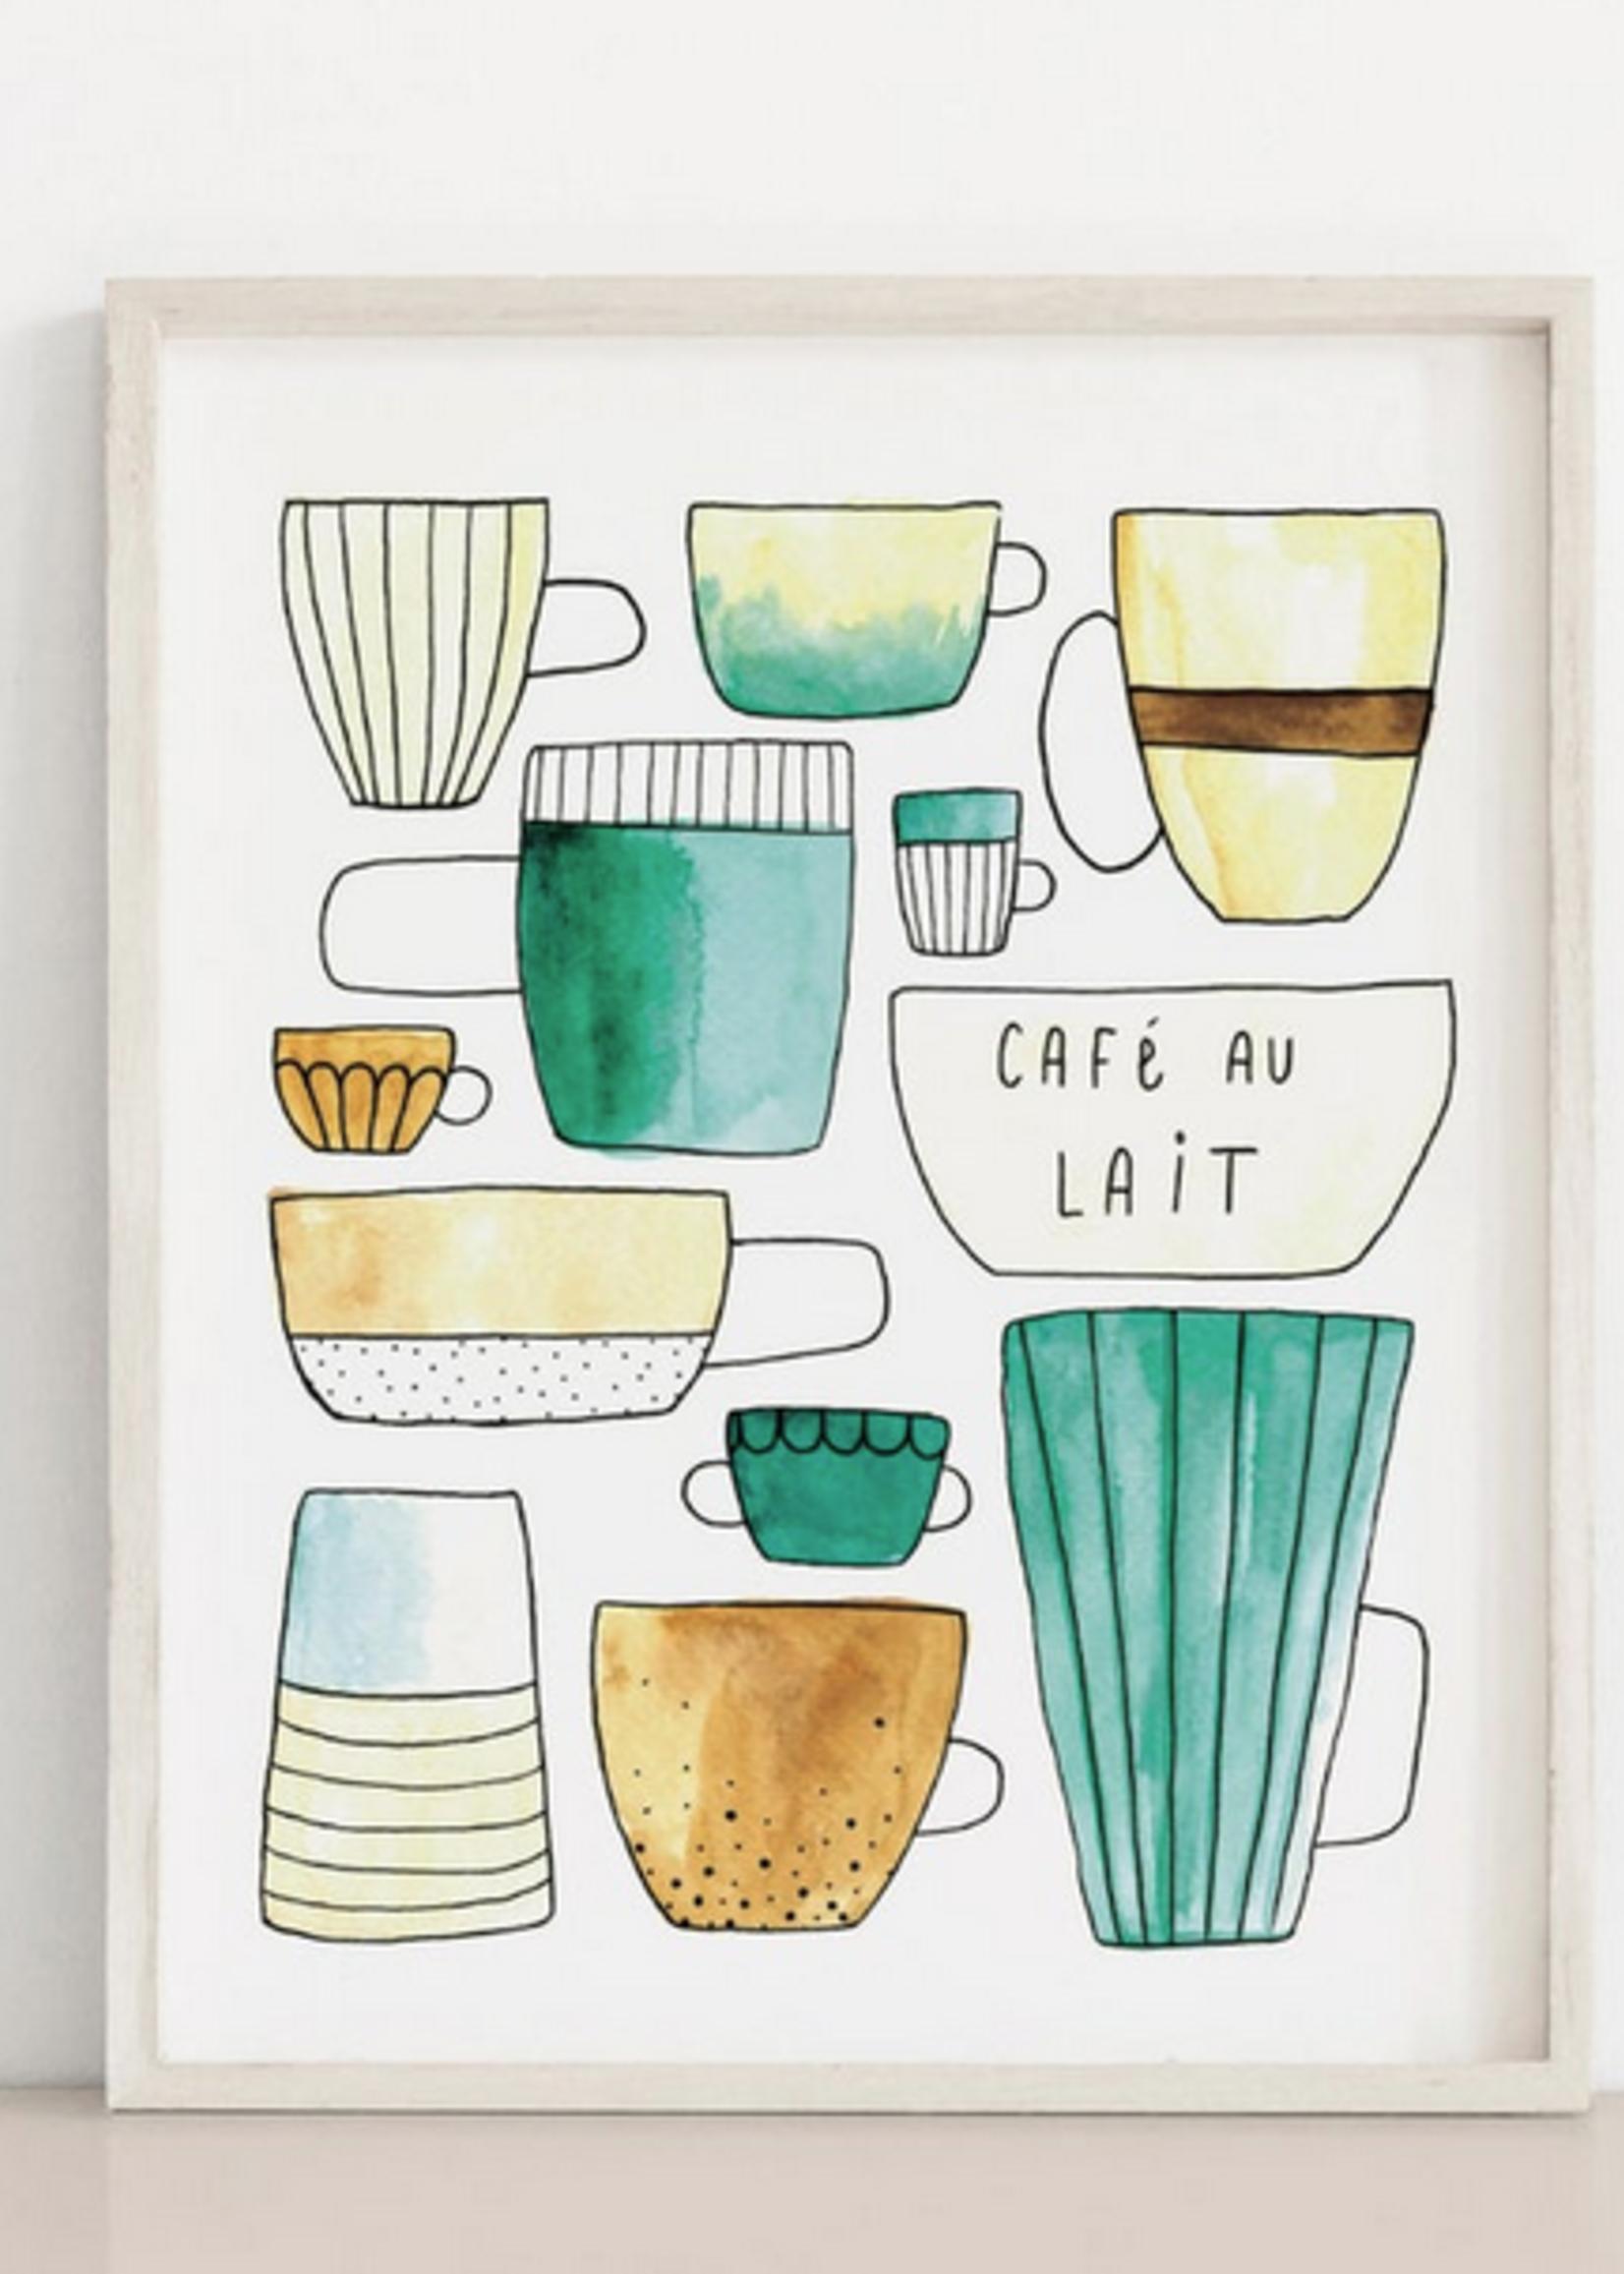 MELINA/KIMBERLEY BC MELINA ART PRINT CAFE AU LAIT